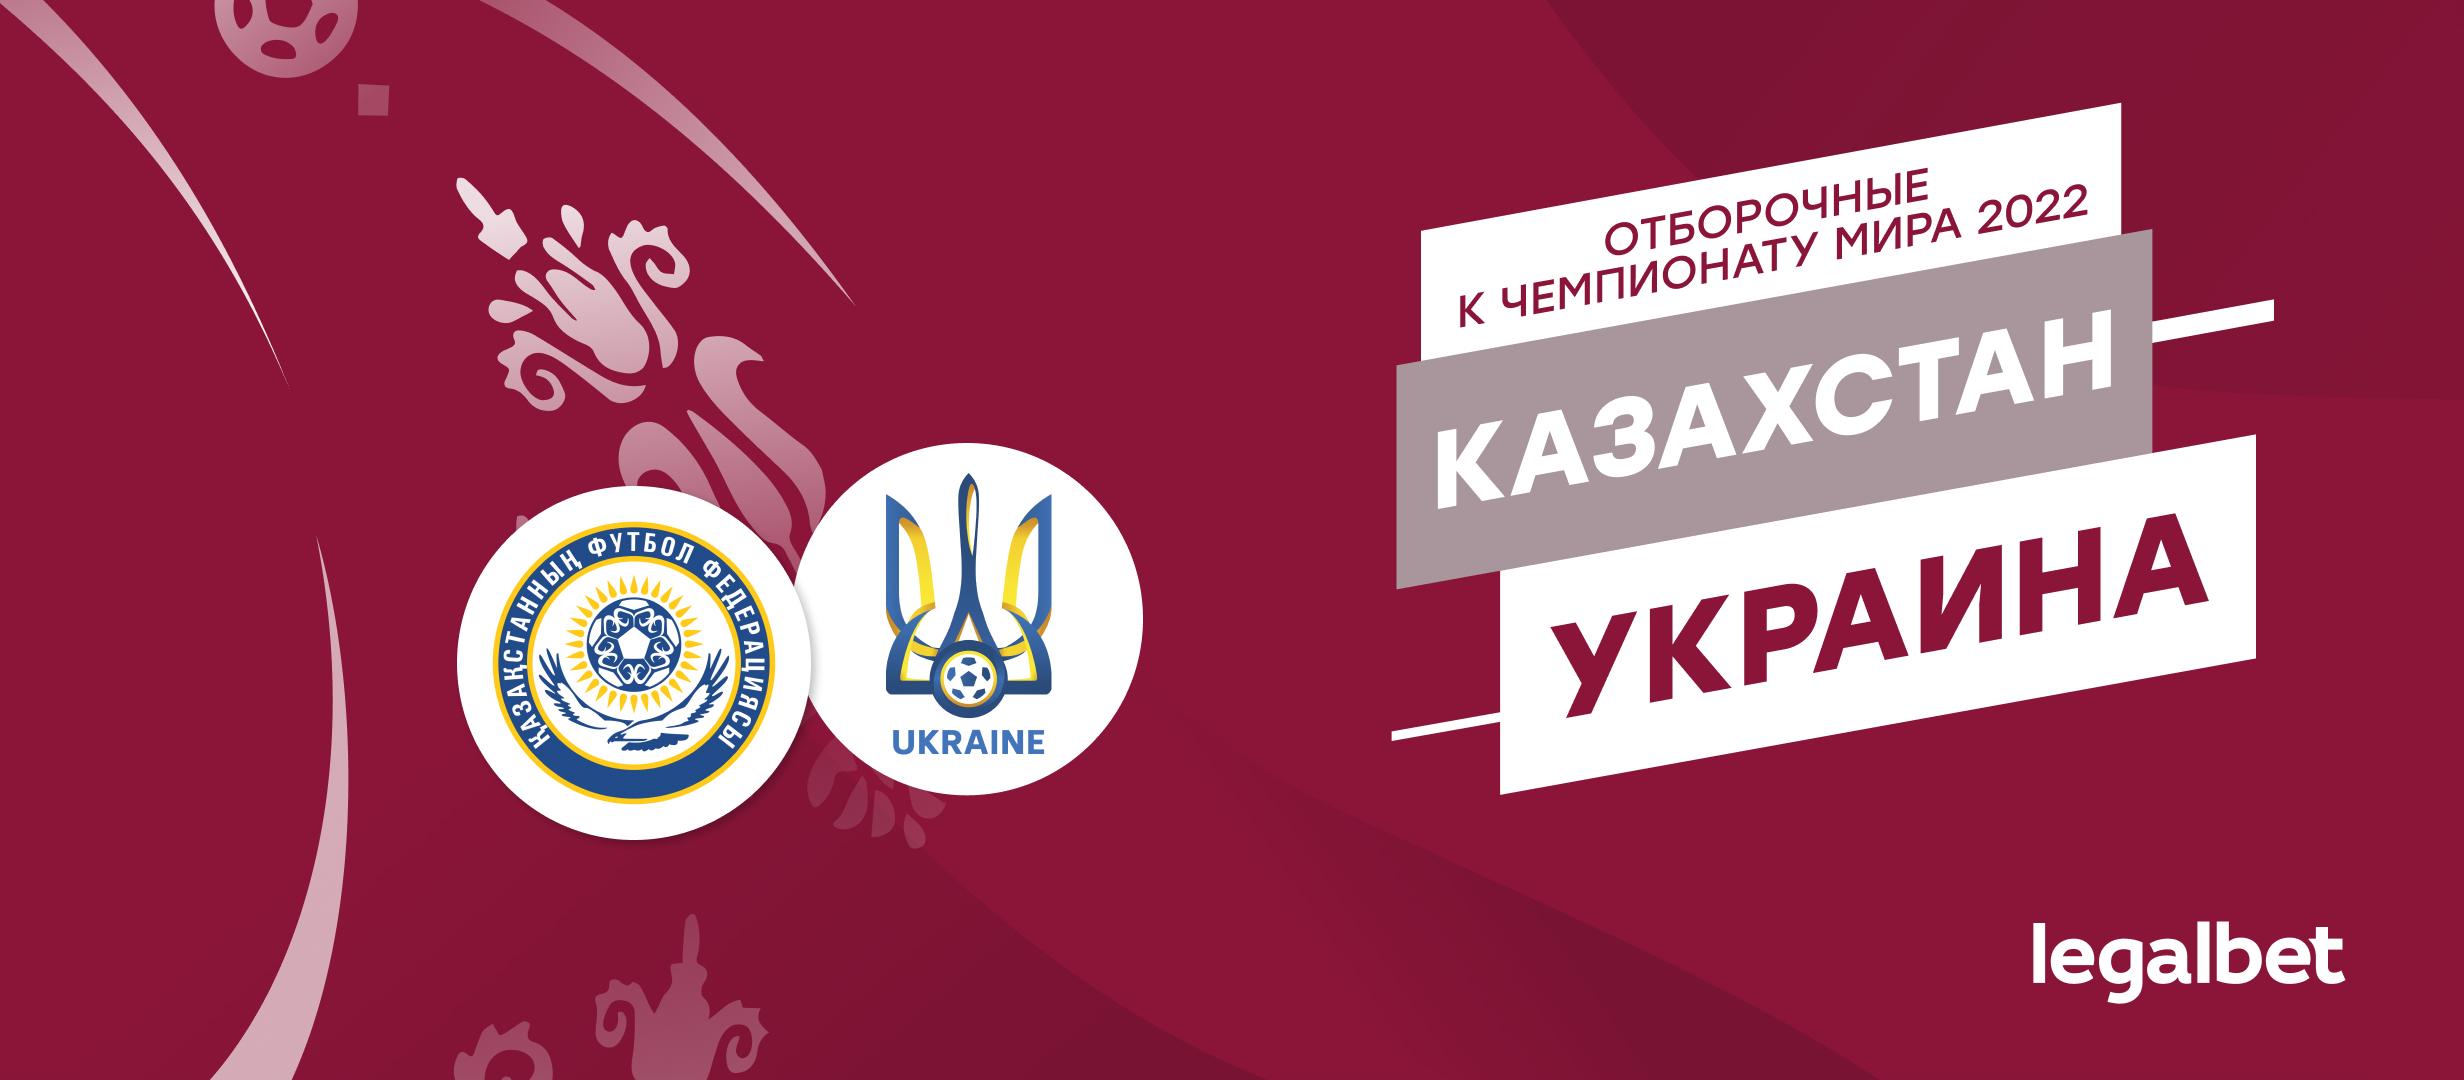 Казахстан — Украина: ставки и коэффициенты на матч квалификации ЧМ-2022